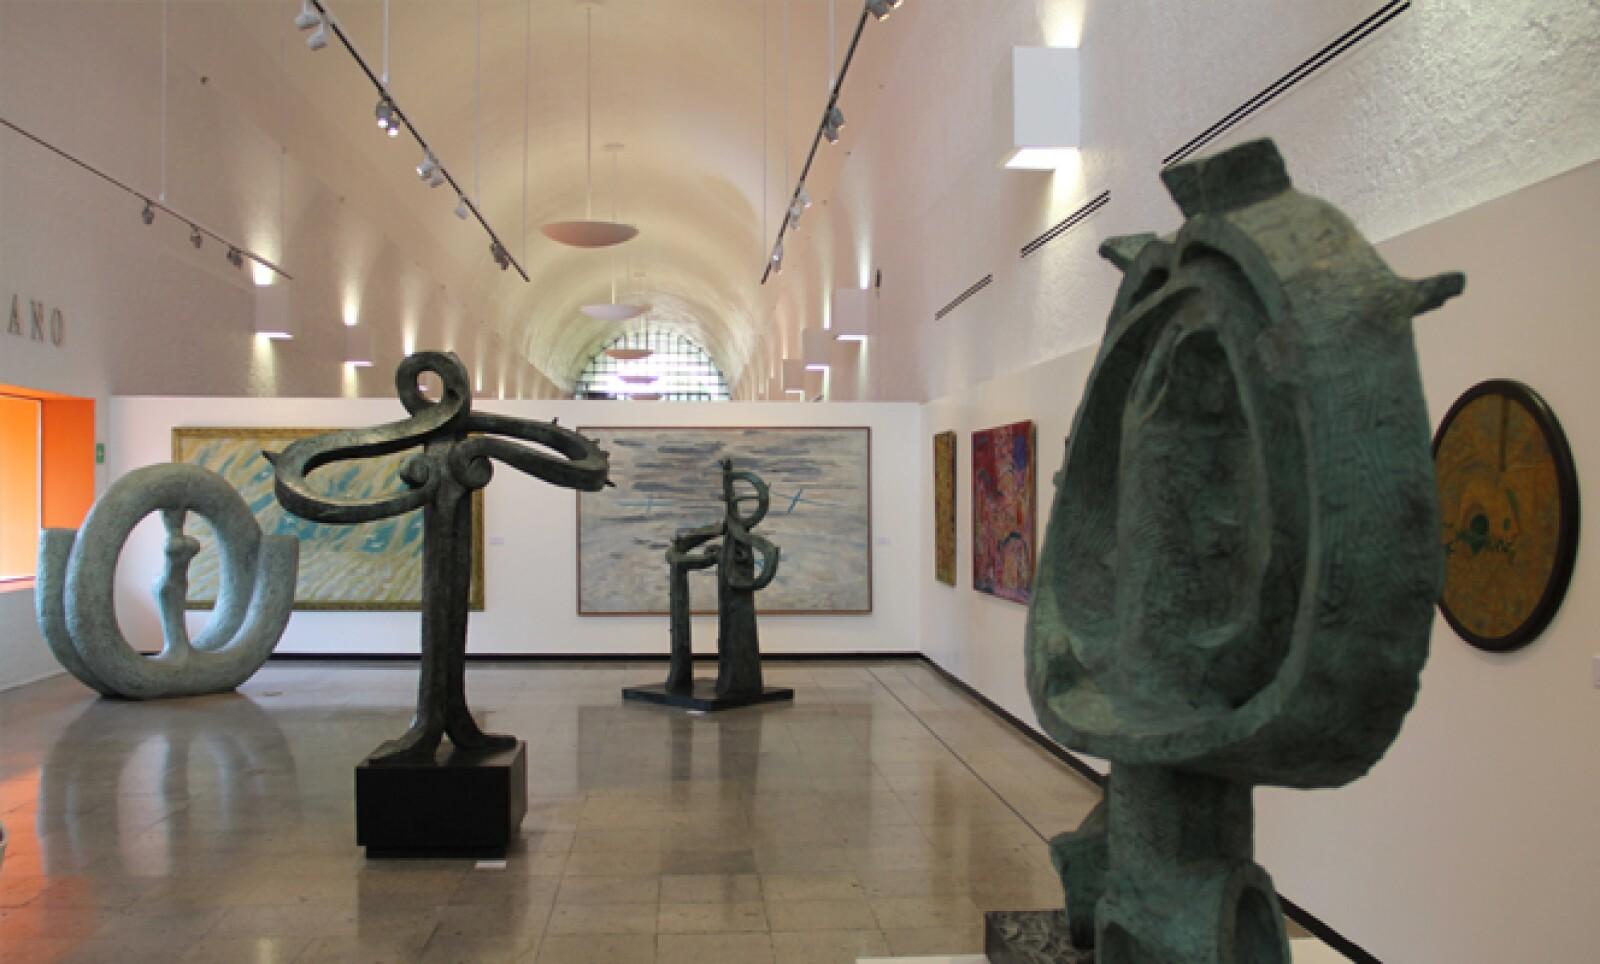 Cuatro de las obras en exhibición son inéditas: Batalla de amor (1960), Avión (1981), Pájaro I y Pájaro II (1958).